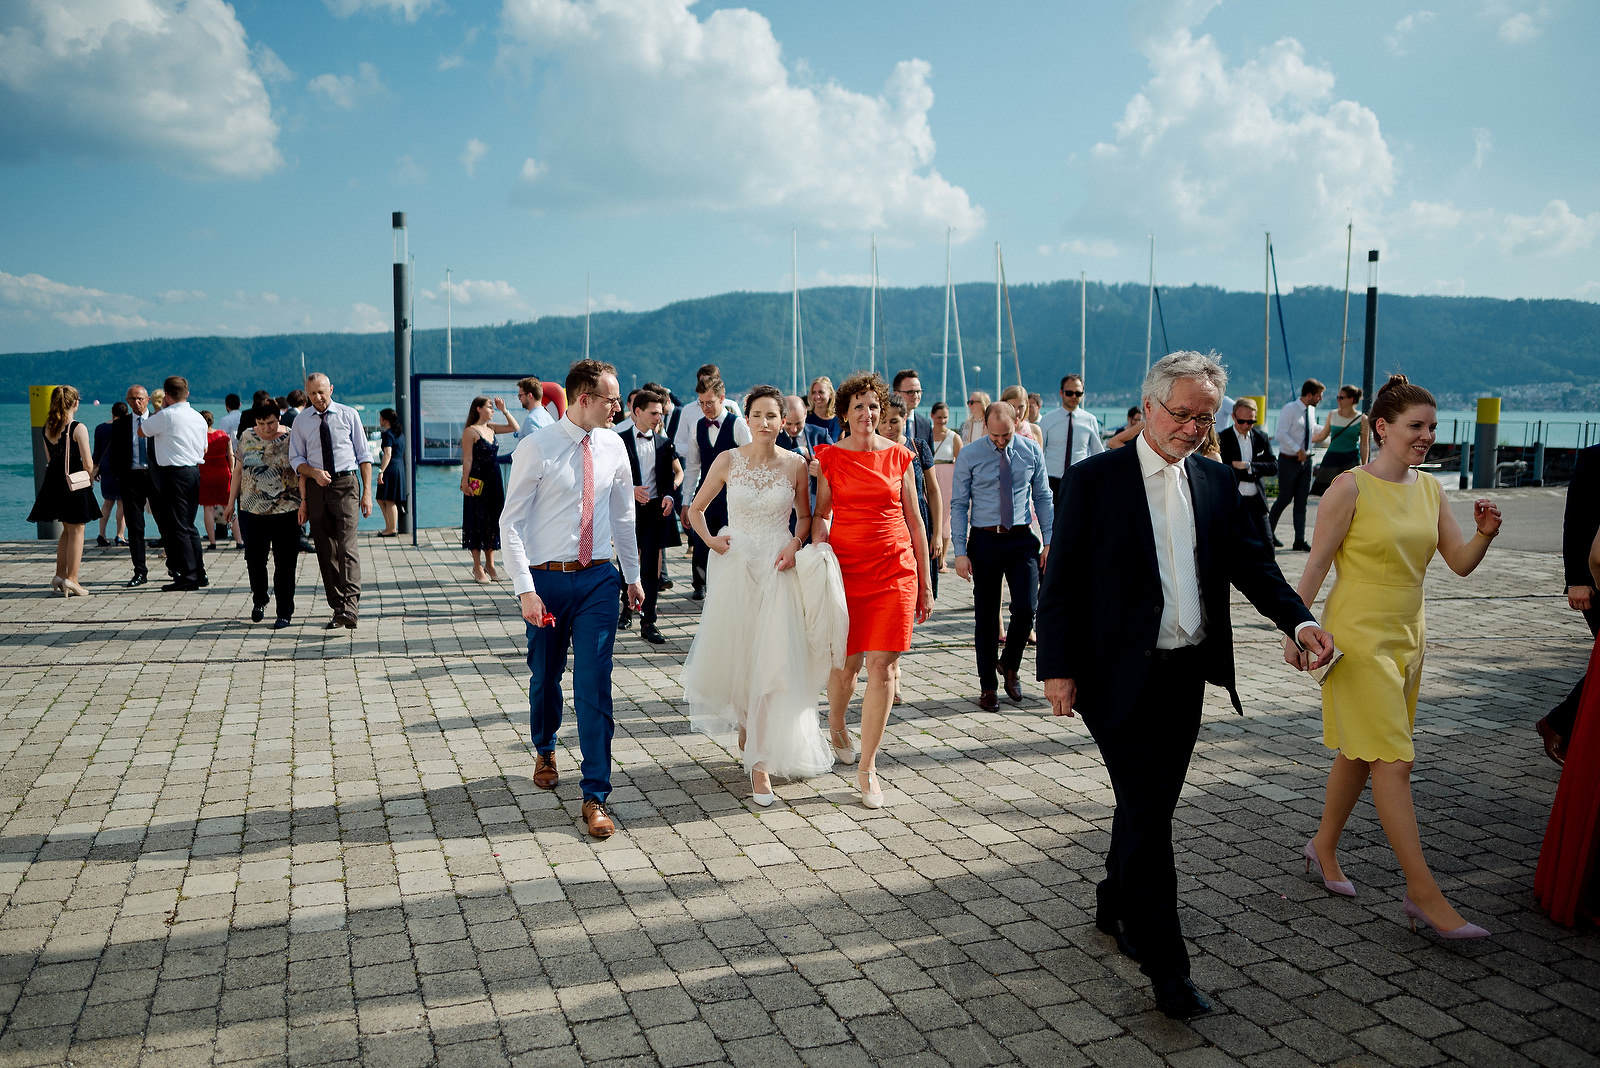 Fotograf Konstanz - Hochzeitsfotograf Bodensee Zollhaus Ludwigshafen Hochzeit Konstanz EFP 066 - Hochzeitsreportage im Zollhaus in Bodman-Ludwigshafen, Bodensee  - 188 -